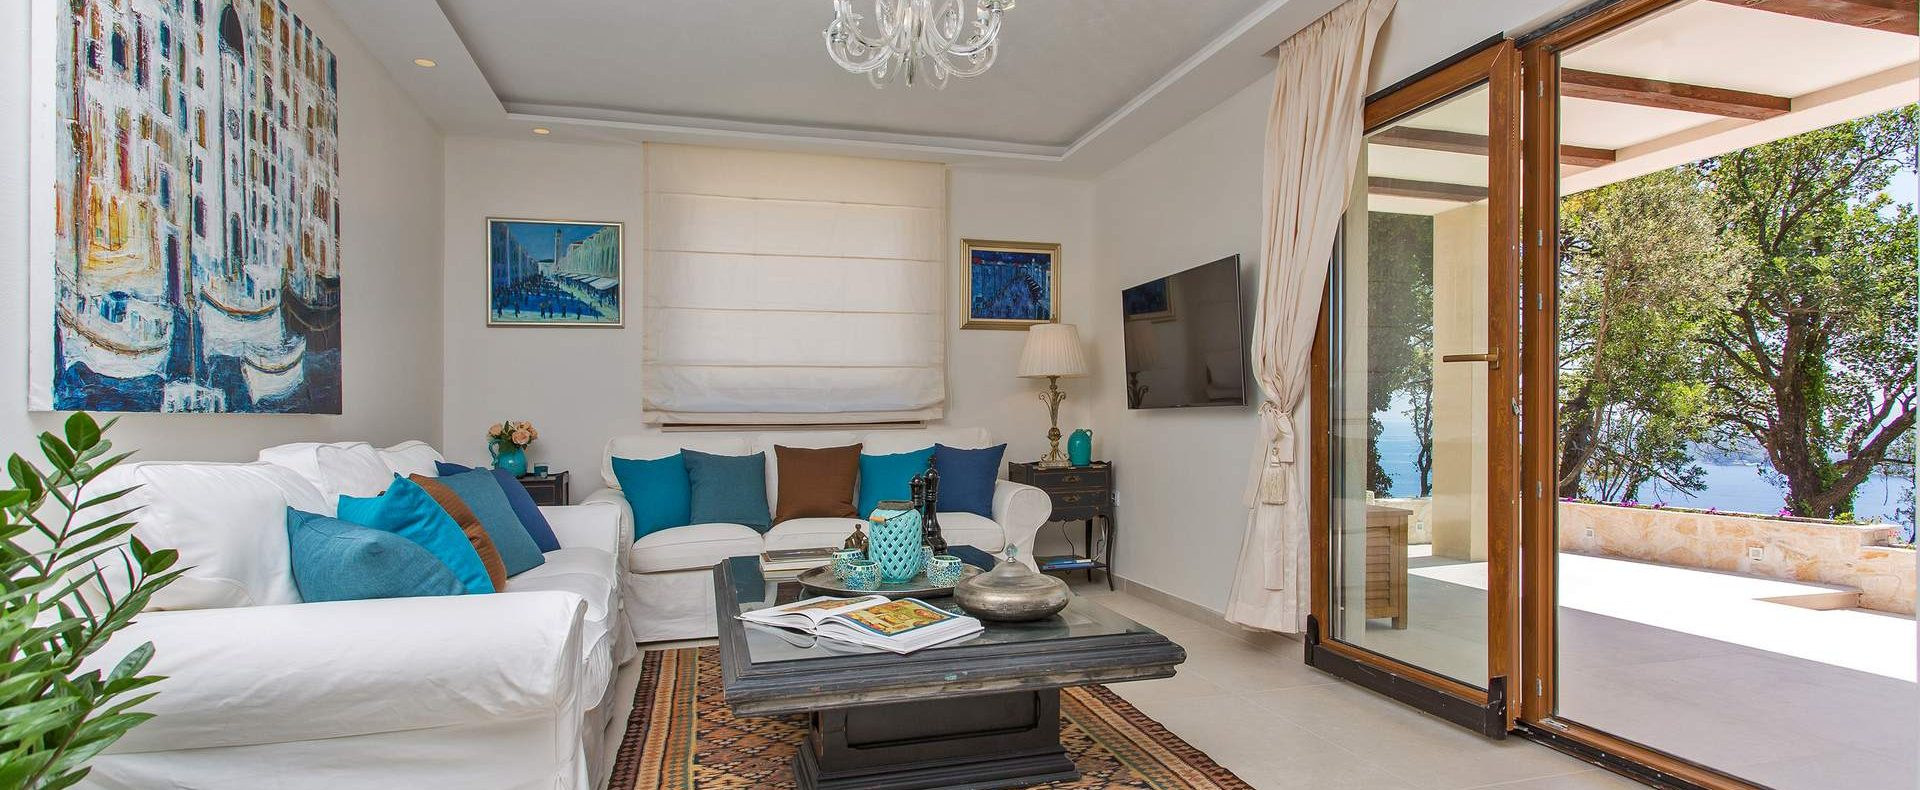 luxury villa lounge